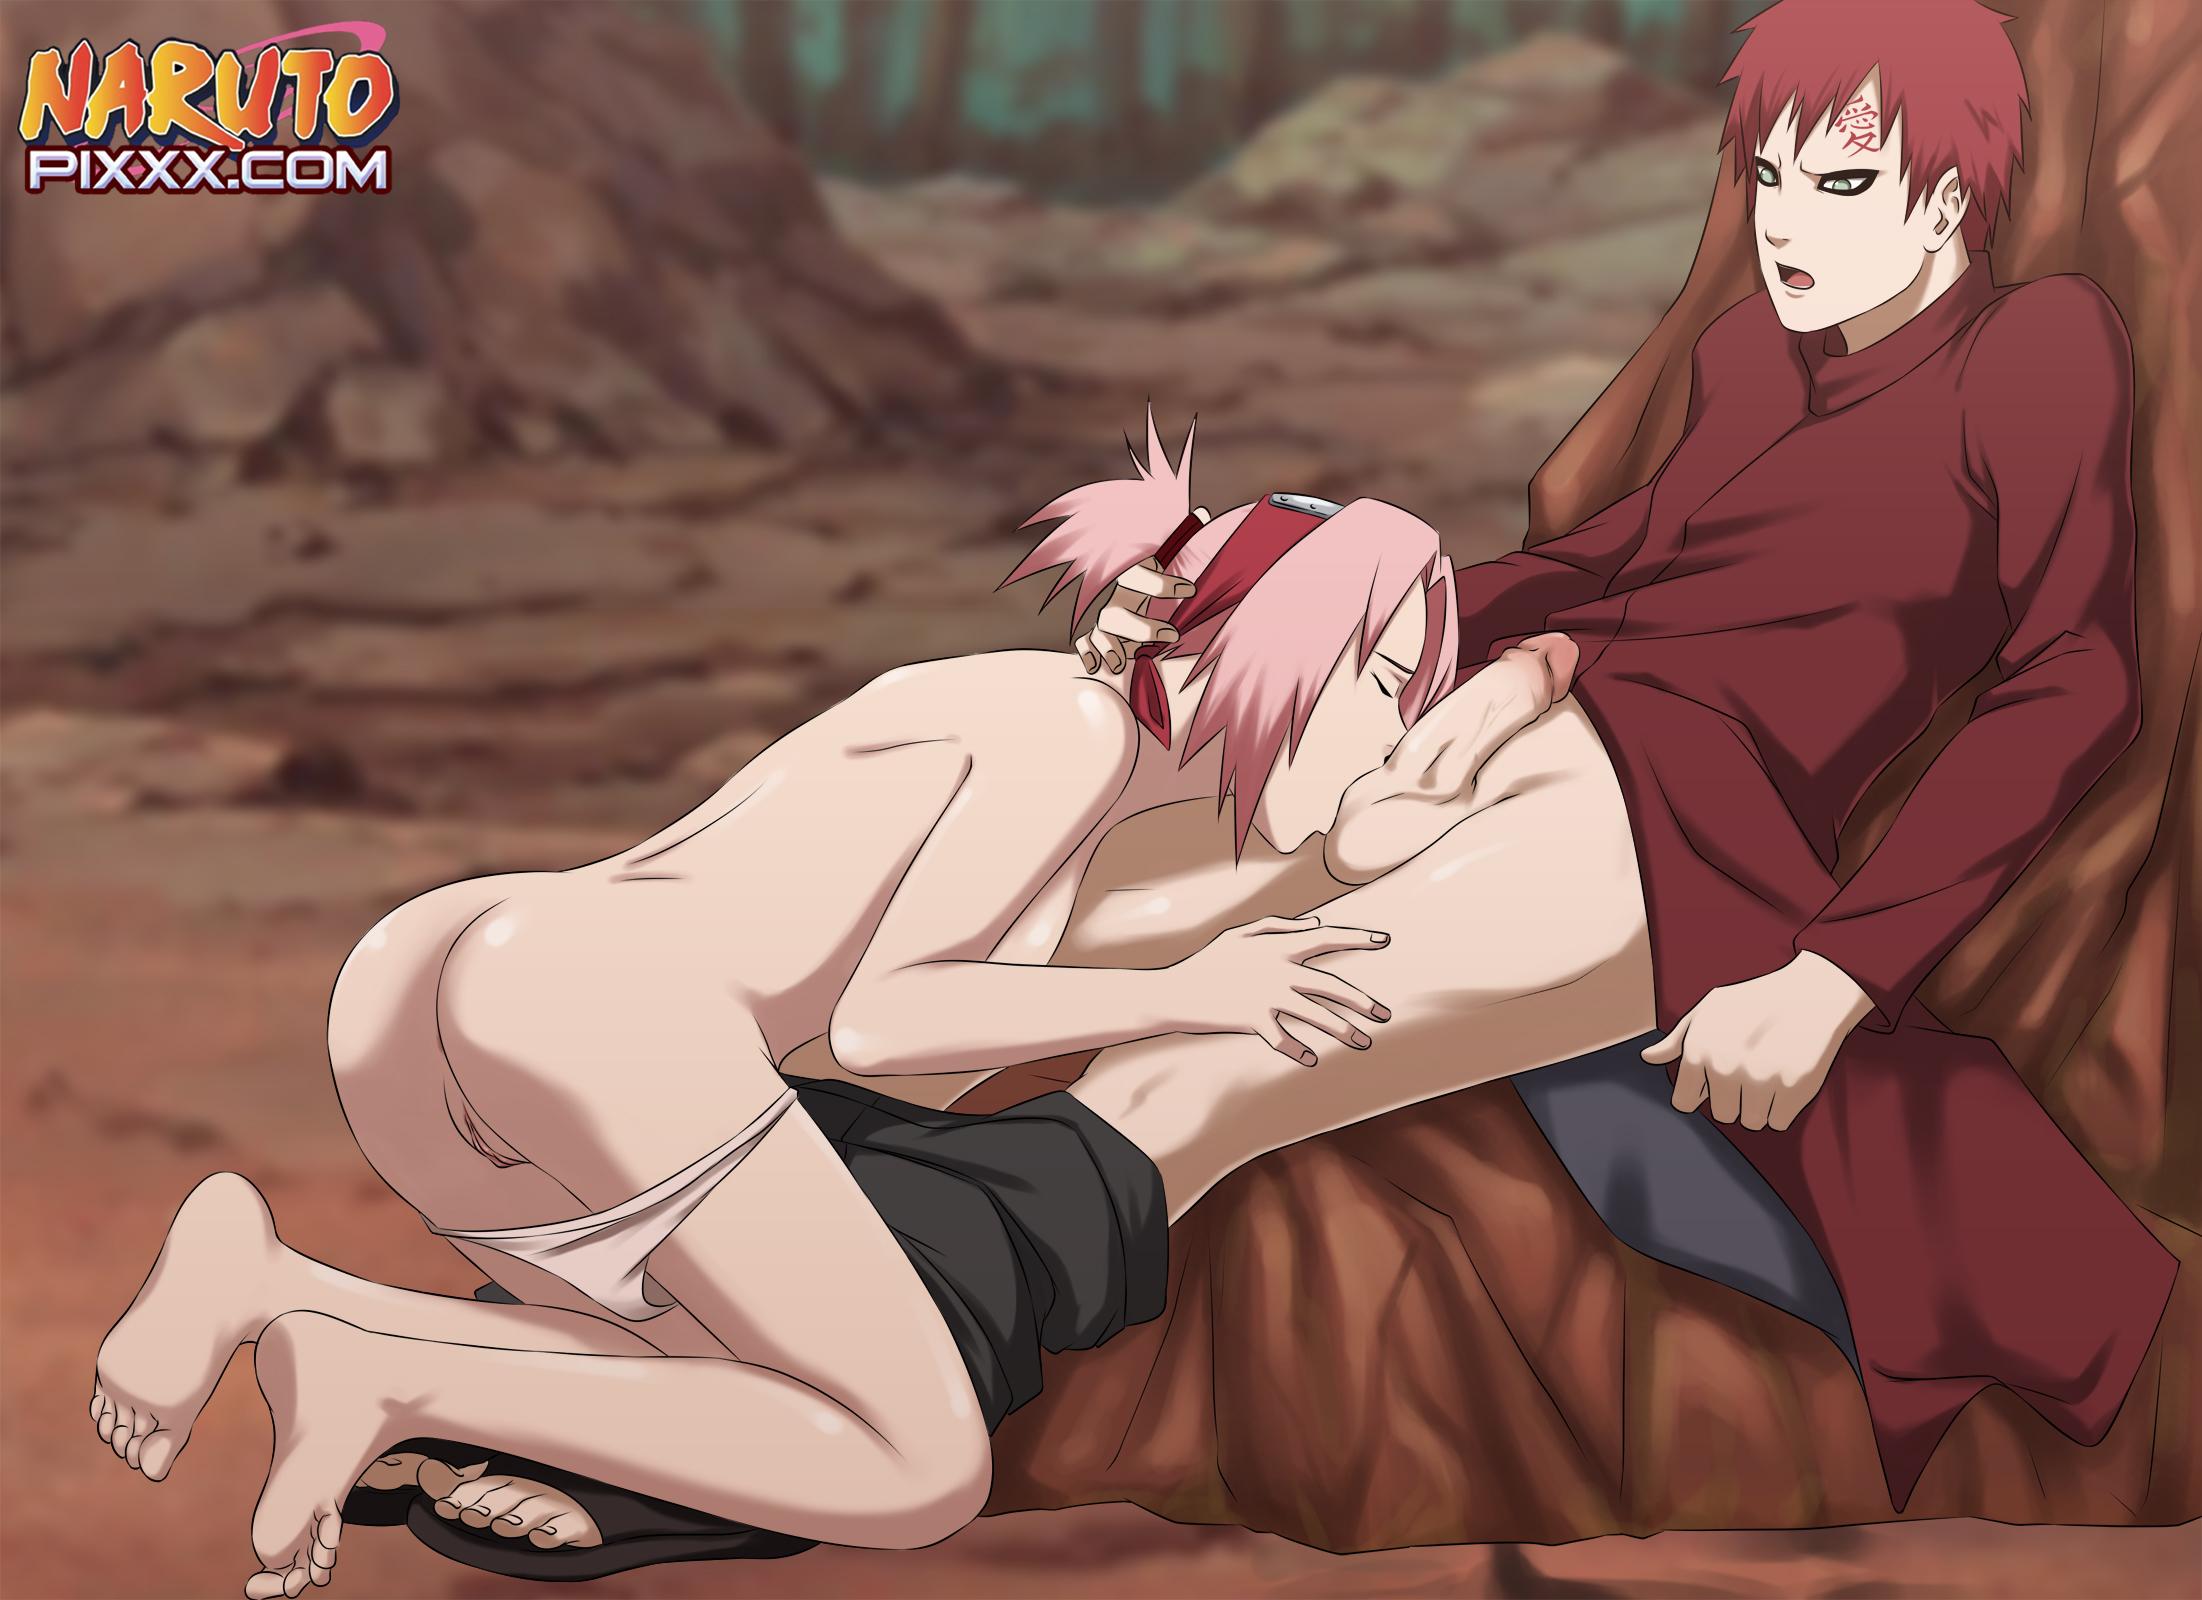 Naruto Pixxx Hentai Toda la Colección + Actualizaciones III